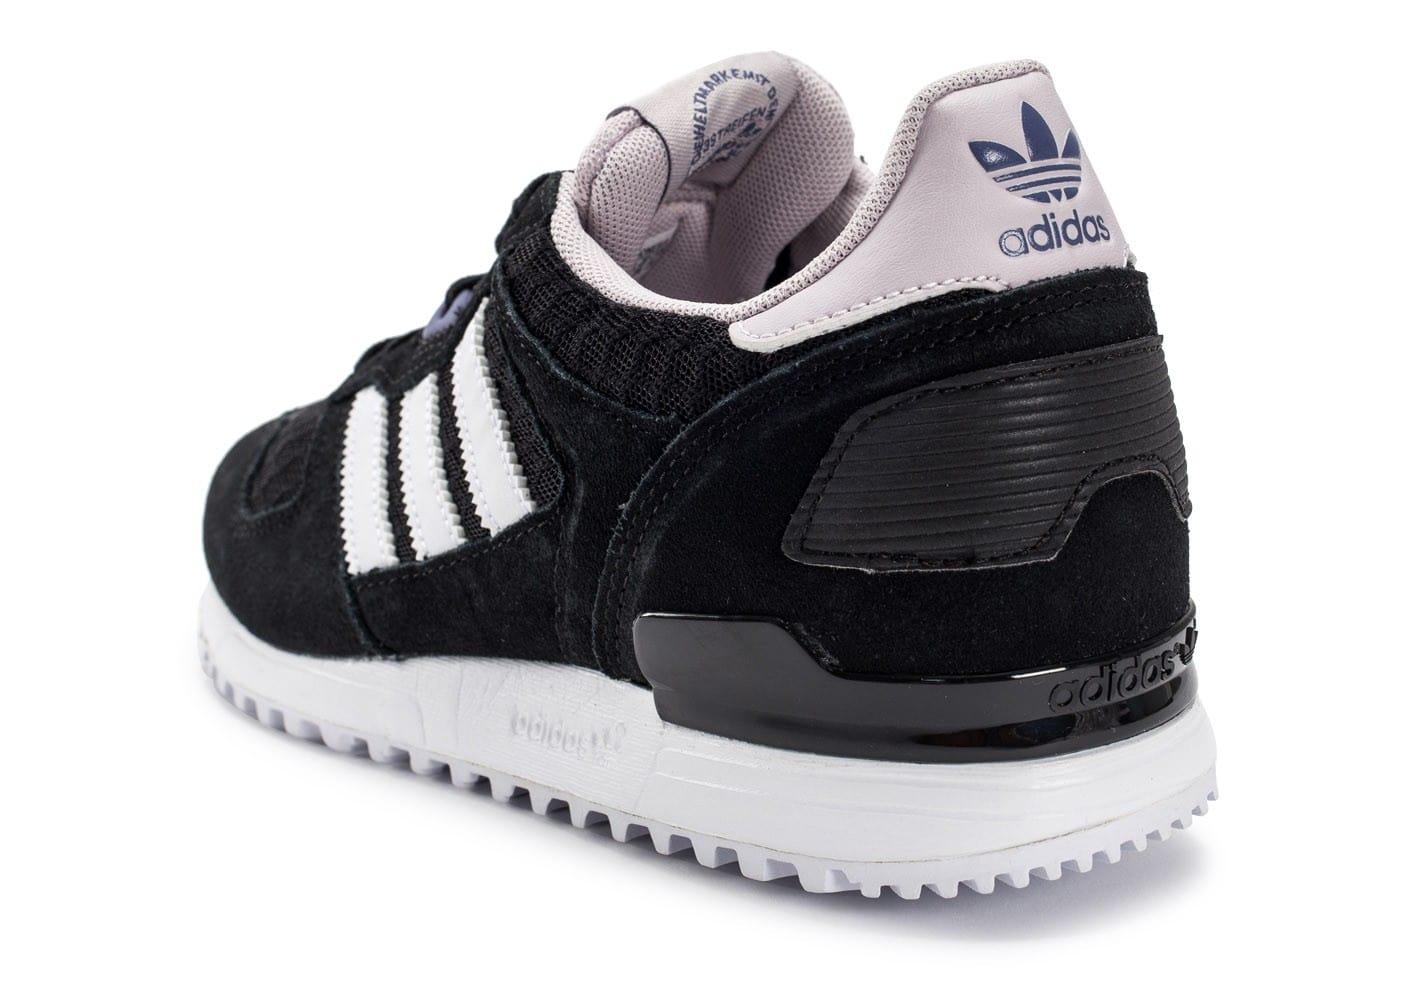 dédié Adidas L Promotion Chaussure Économiser À Groupe Zx De 700 b7gyYf6v